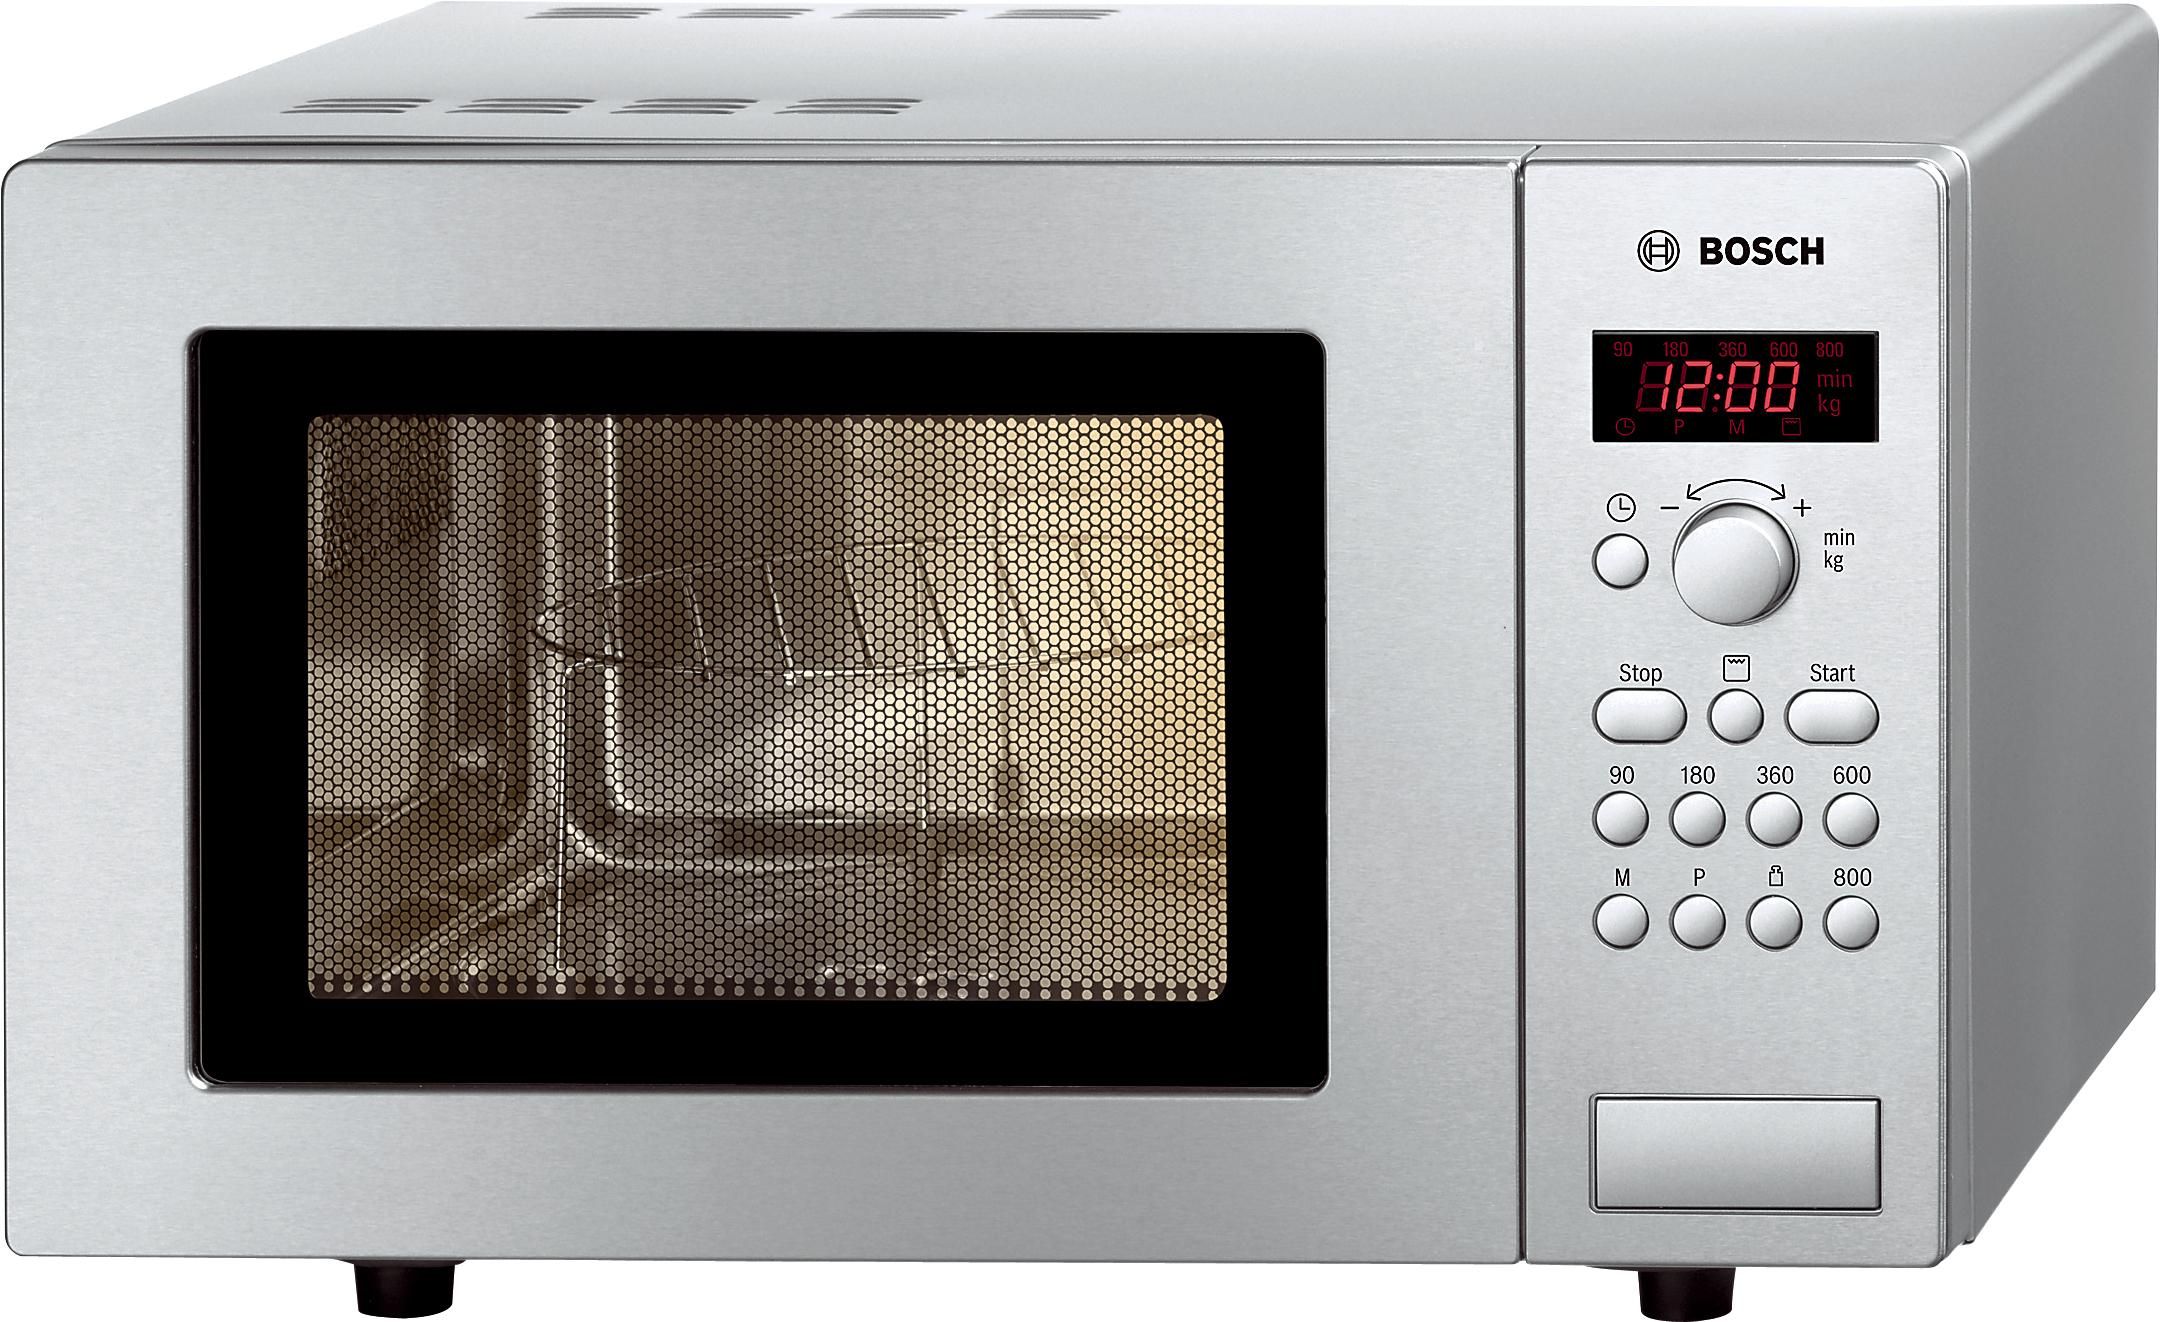 Bosch HMT75G451 800W Mikrowelle/1000W Grill 17l 5 Leistungsstufen 24,5cm für 148,99 Euro